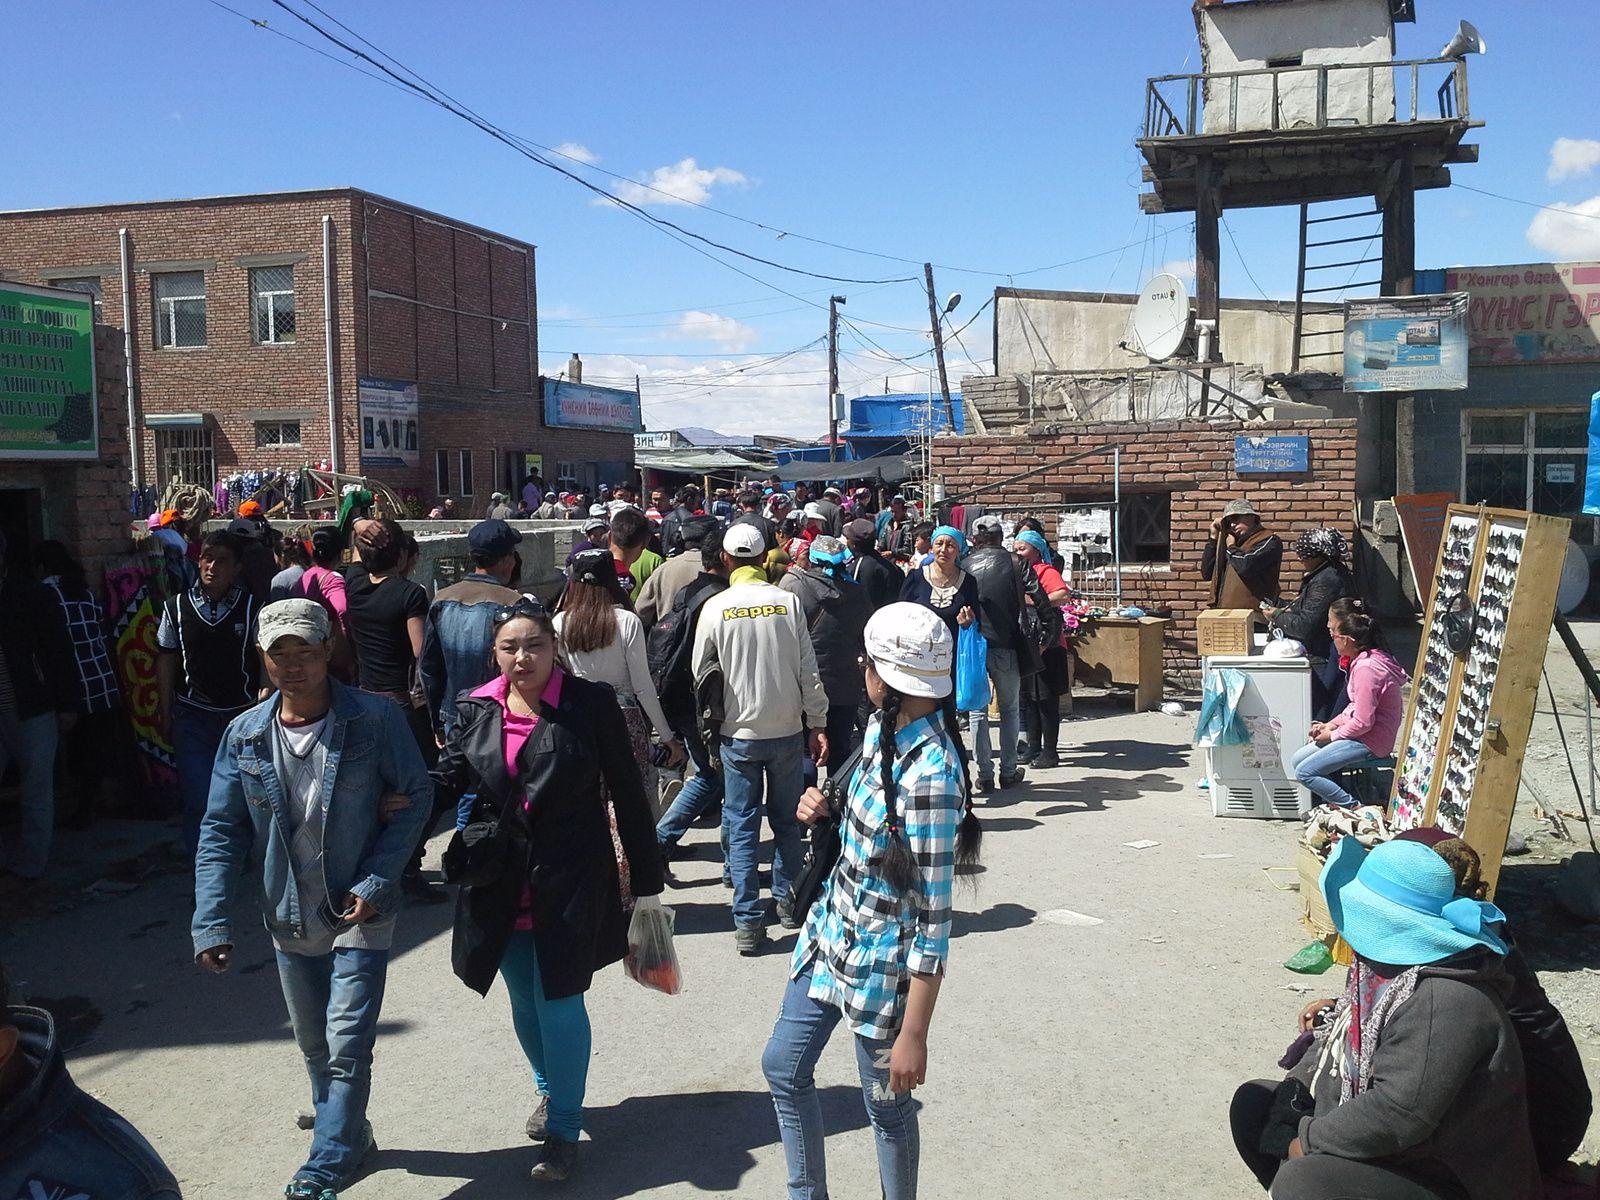 Mongolie 2015 - mi mai à  mi juin ....hors saison, mais génial